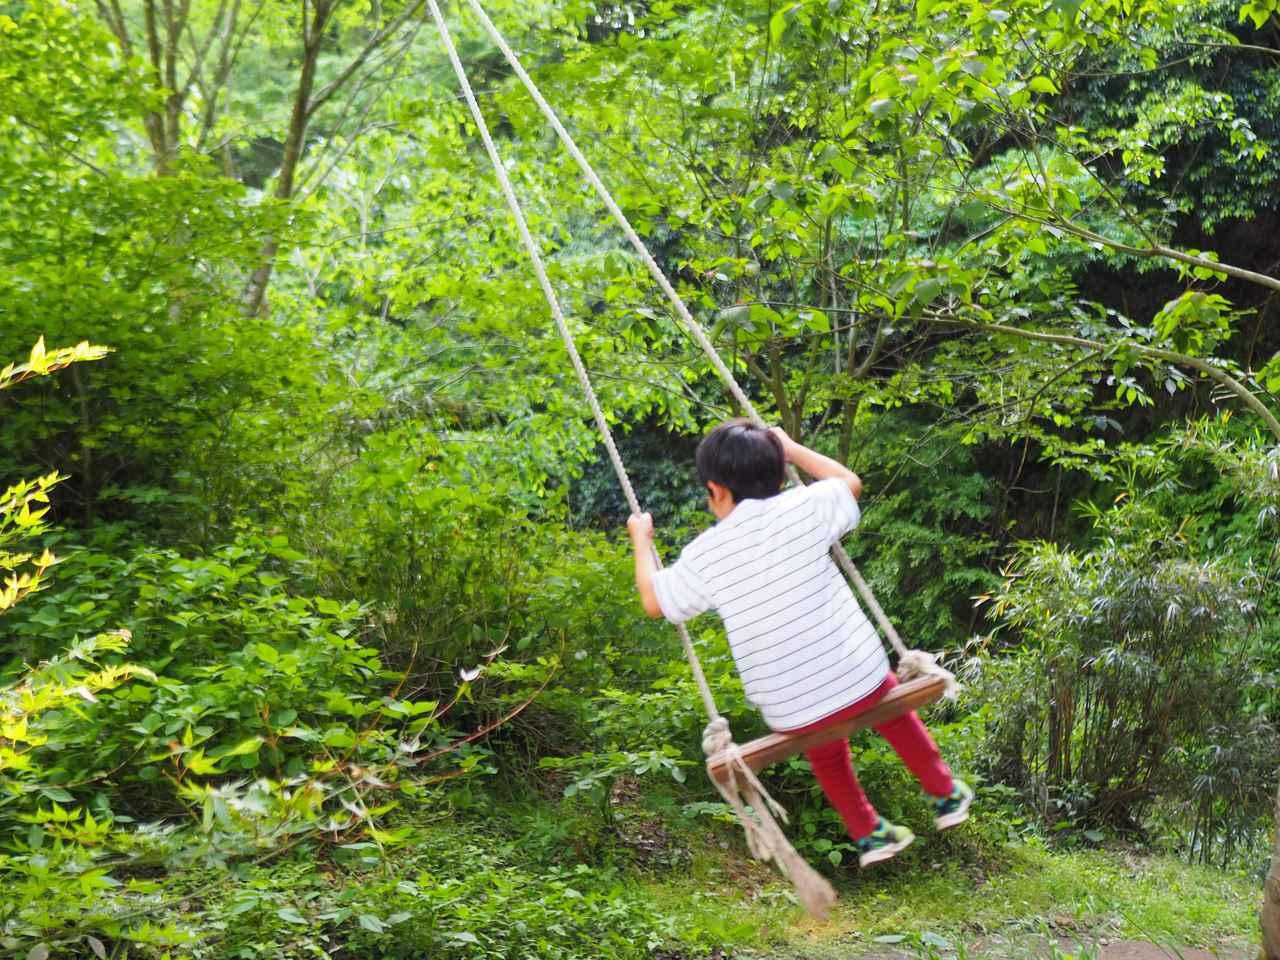 画像: 【ユニクロ夏コーデ】ジーンズやTシャツなど、キャンプにも使えるおすすめアイテム - ハピキャン(HAPPY CAMPER)